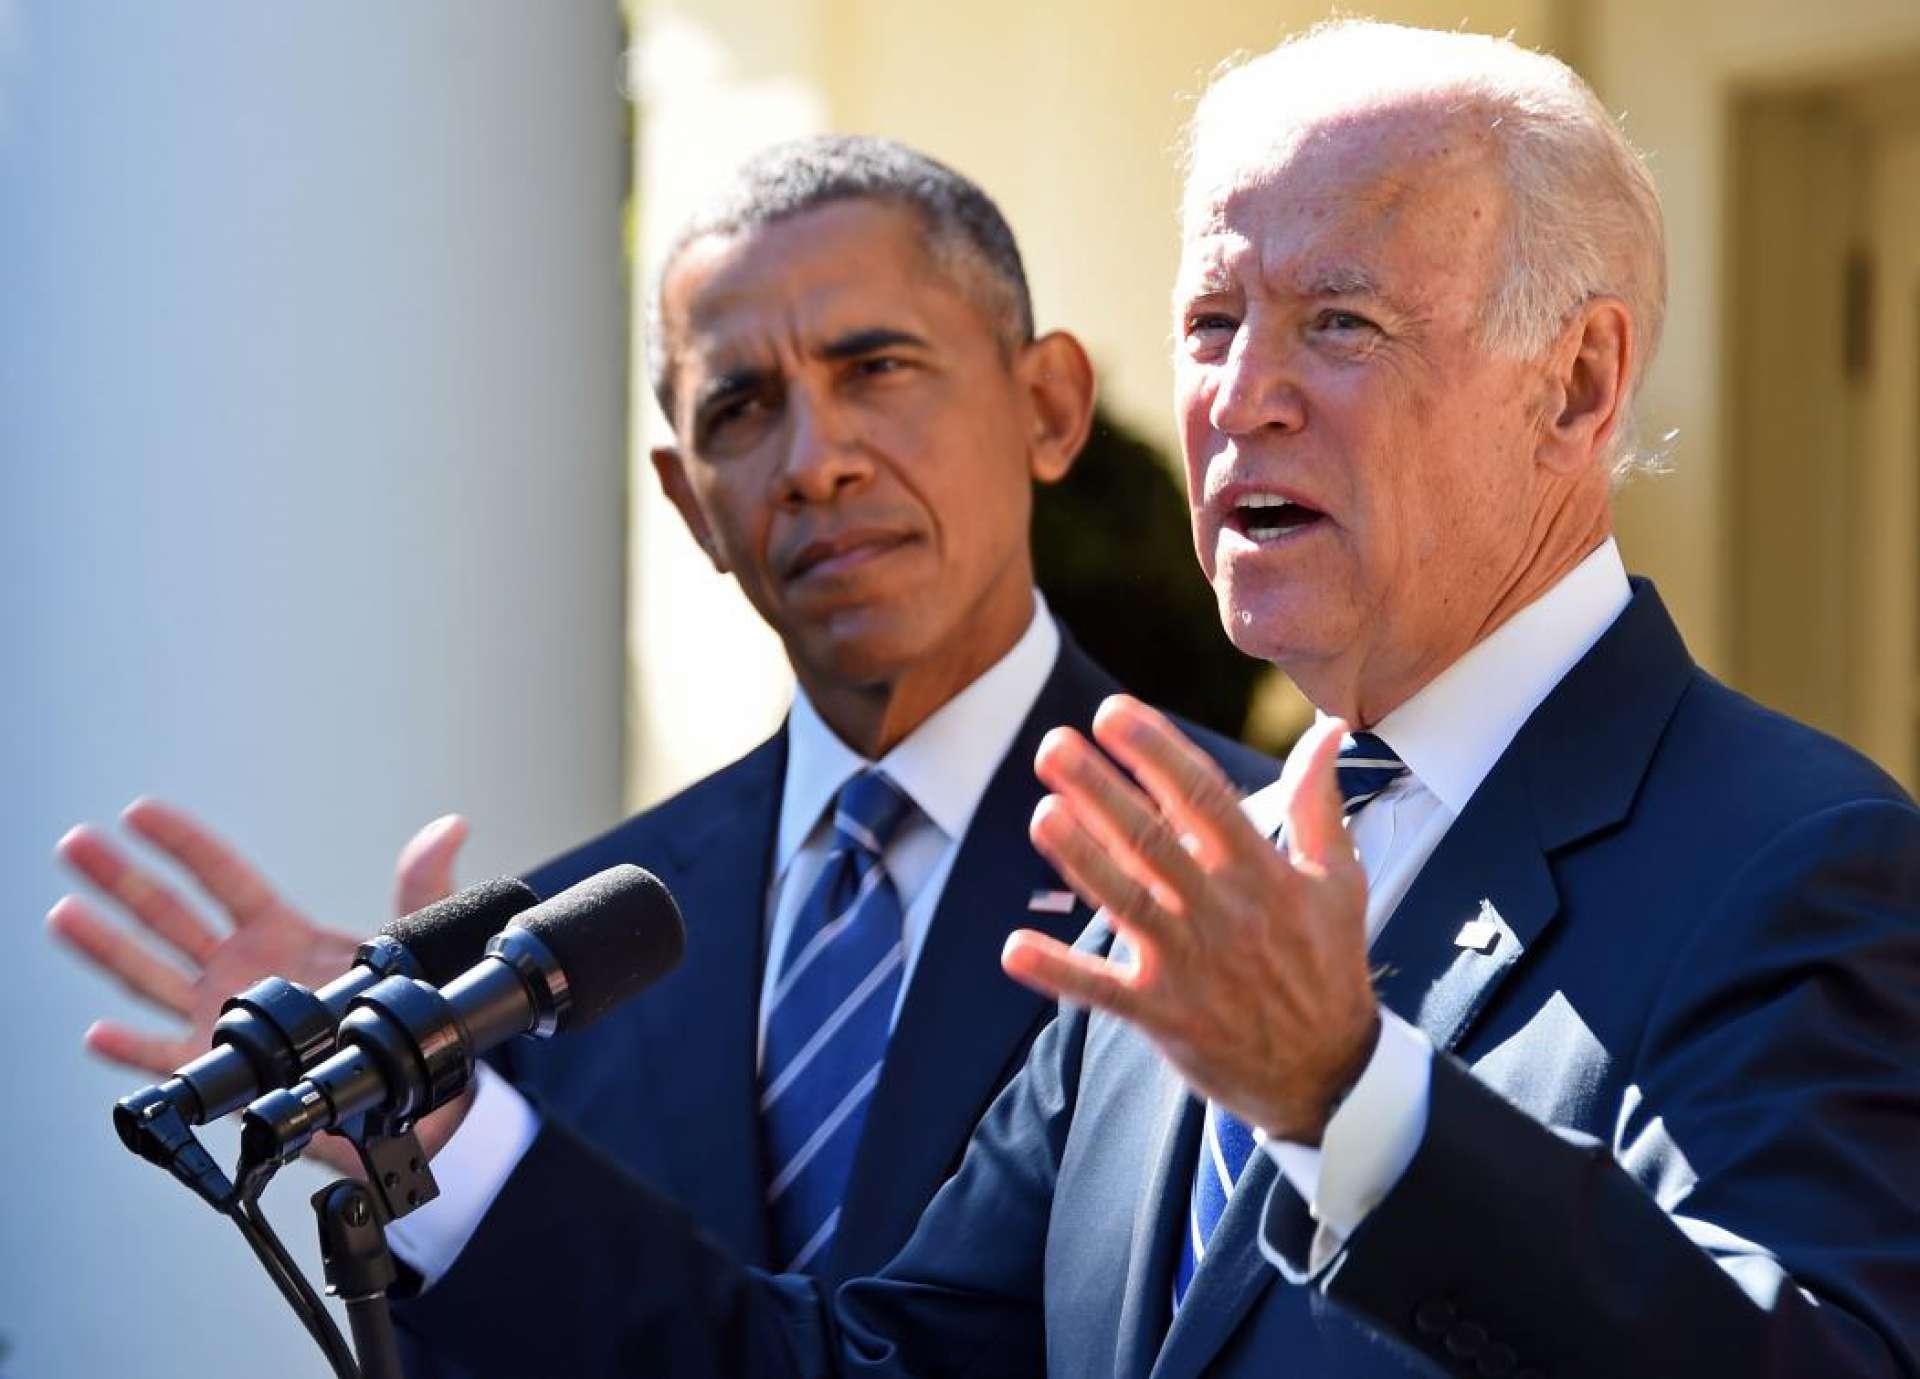 Ex-presidente dos EUA, Barack Obama (E), observa o então vice-presidente dos EUA Joe Biden (D) falando no Rose Garden na Casa Branca em 21 de outubro de 2015, em Washington, DC. Biden anunciava na ocasião que não está concorrendo à presidência.